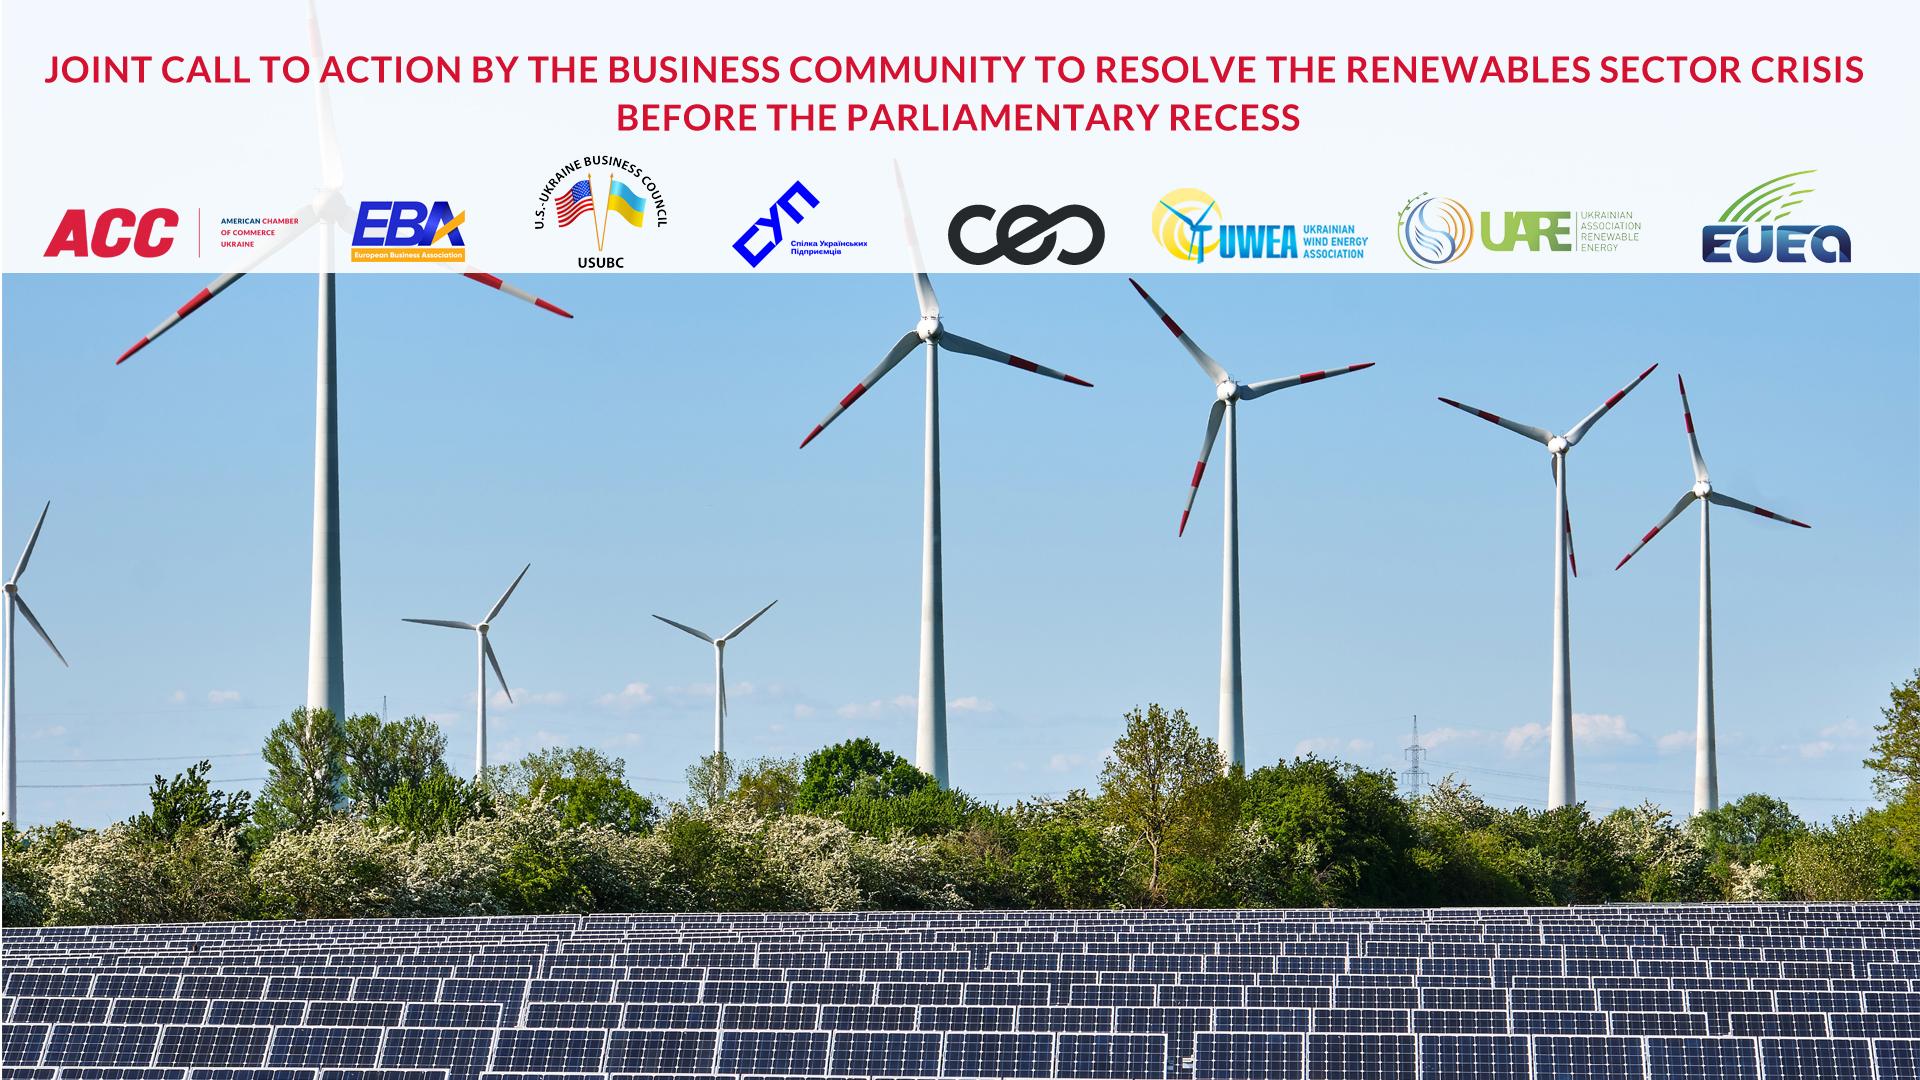 Спільна заява бізнес-спільноти щодо подолання кризи в секторі відновлюваної енергетики до початку літньої перерви в роботі Парламенту